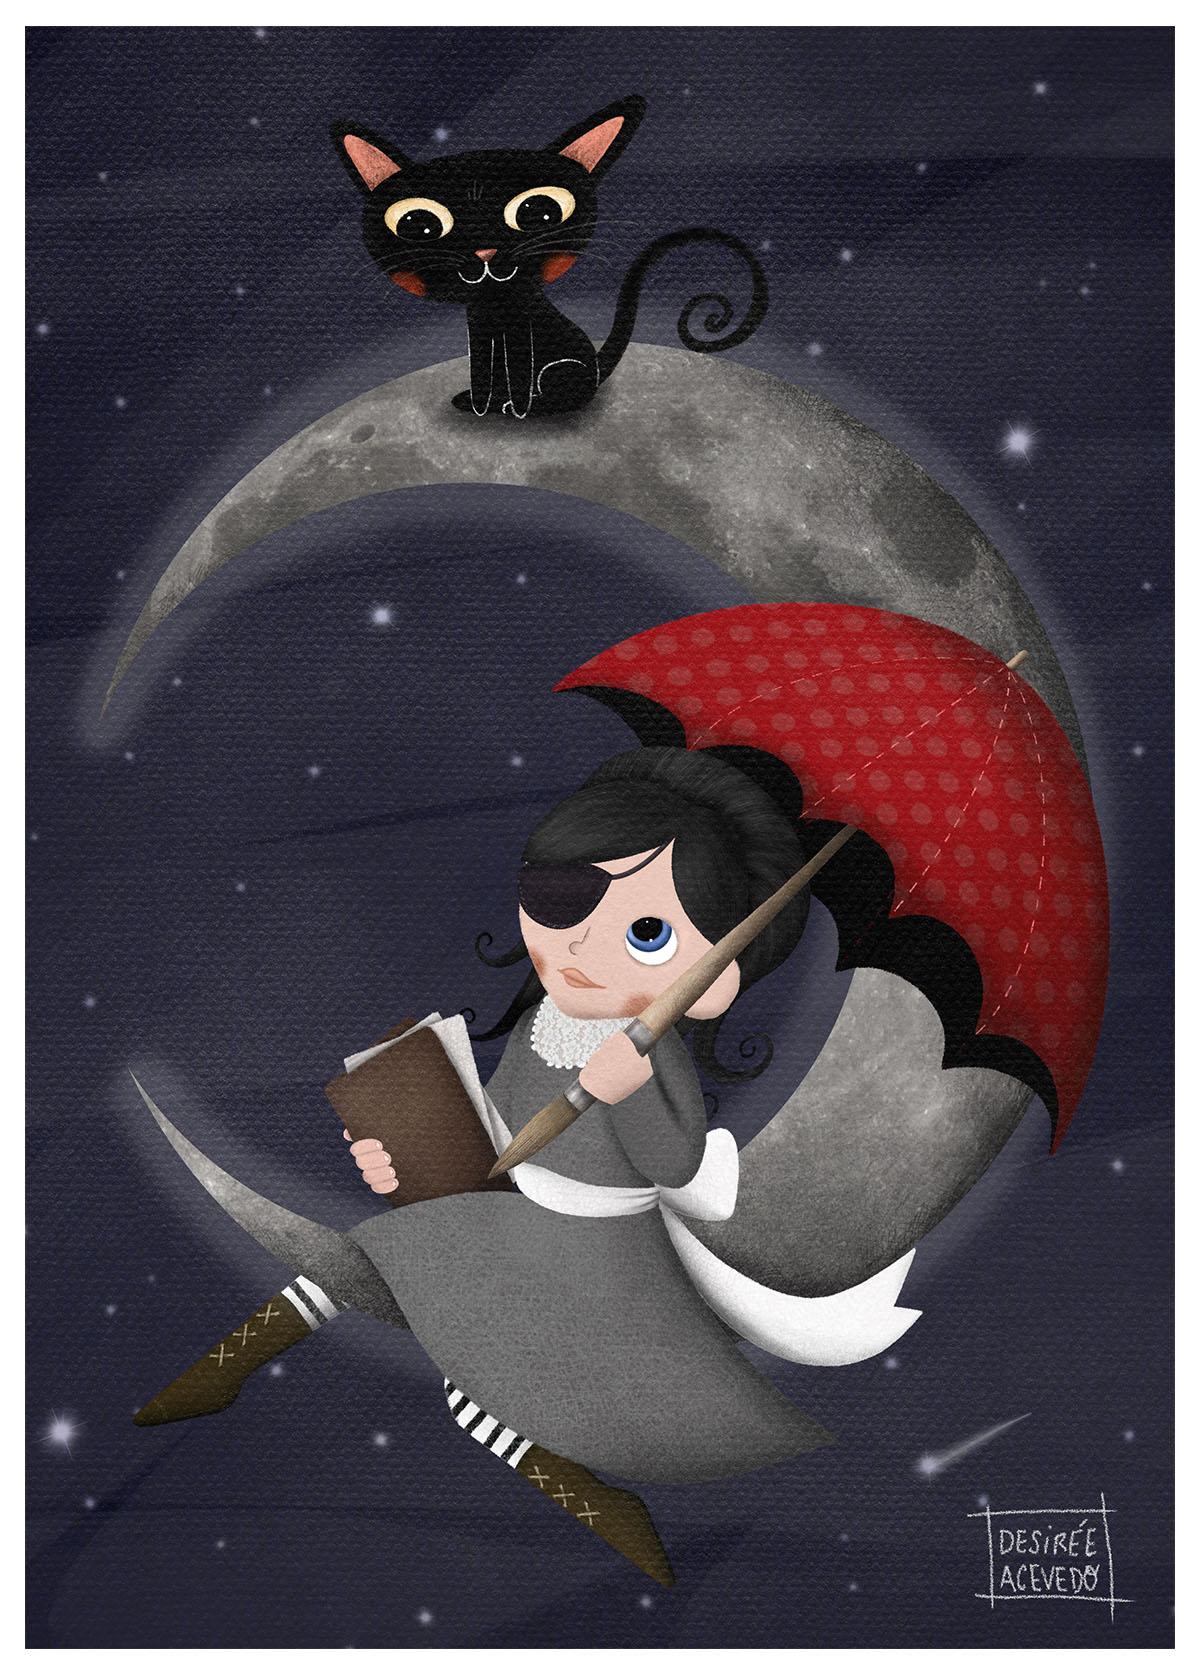 ilustración homenaje de Desiree Acebedo, carmesina con paraguas rojo sentada en la luna leyendo u libro con un gato negro. literatura juvenil, relatos ilustrados, libros con valores